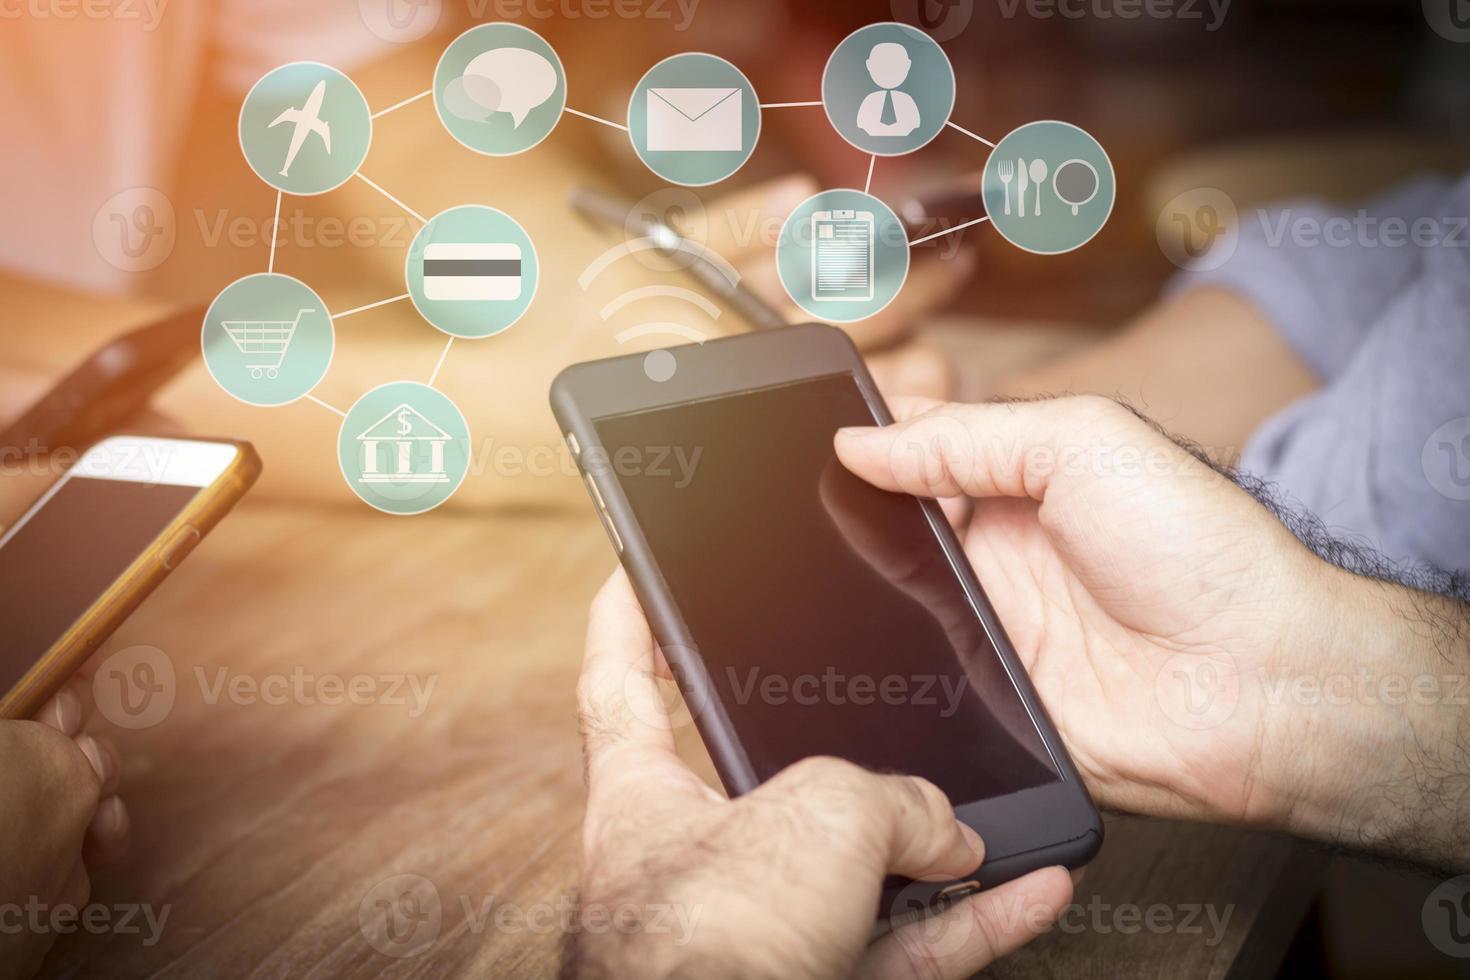 pessoa usando telefone inteligente com ícones e símbolo de wi-fi foto